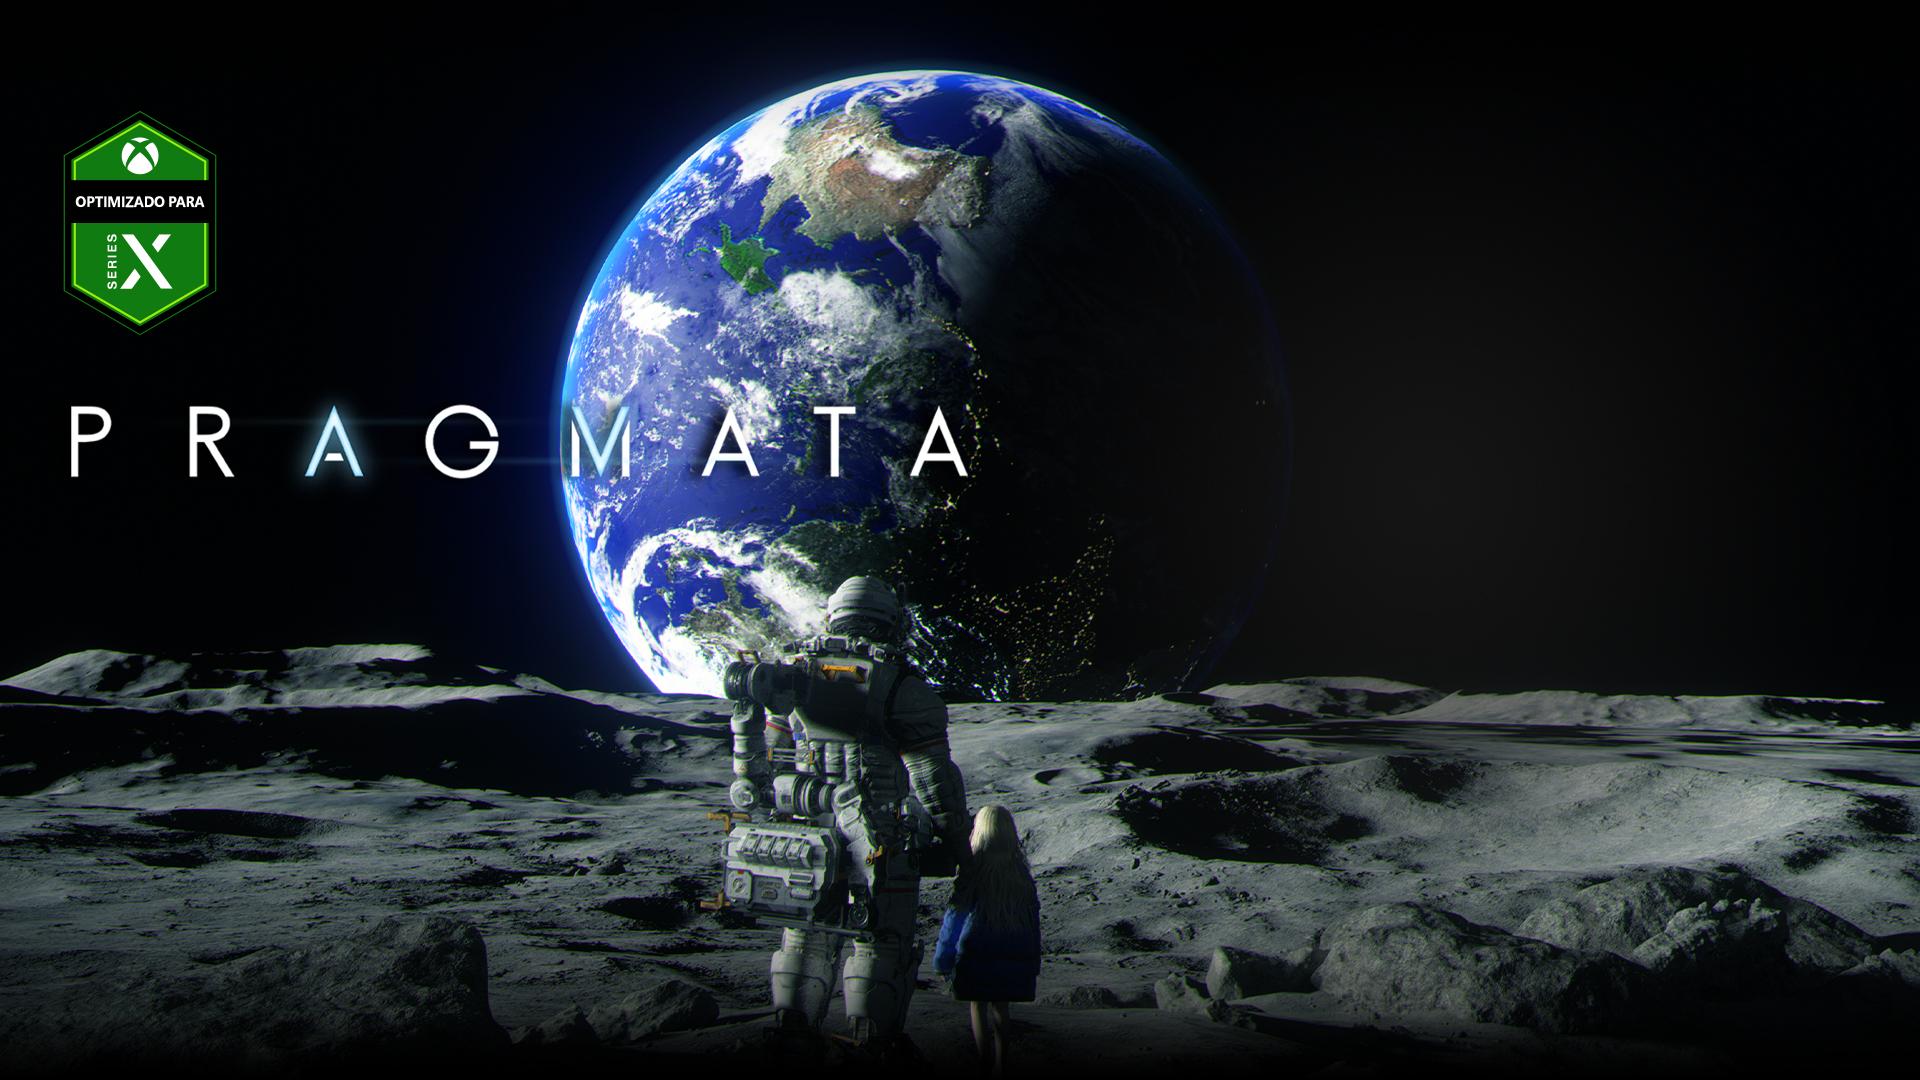 Logotipo Optimizado para Xbox Series X, Pragmata, un astronauta y una niña miran la Tierra desde la luna